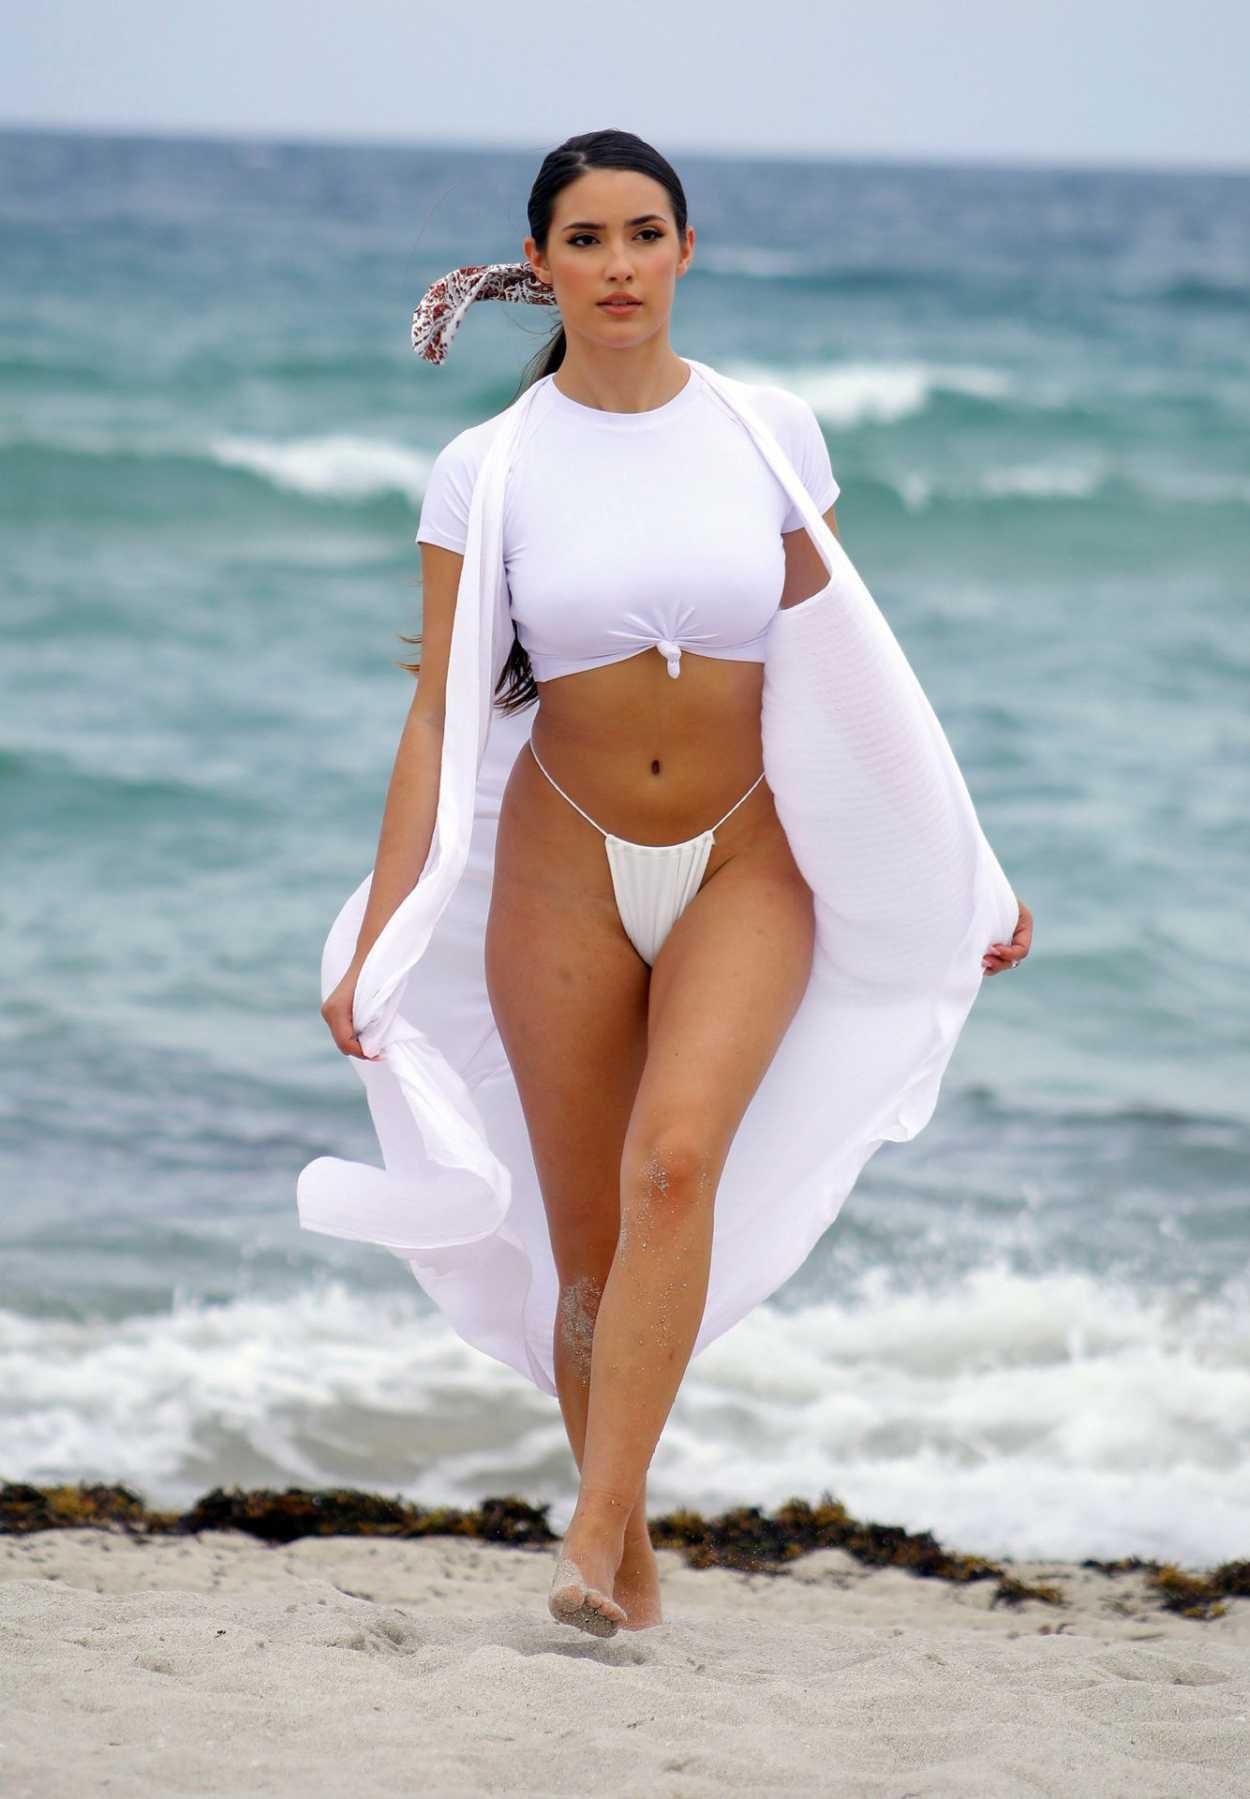 Tao Wickrath in a White Bikini on the Beach in Miami 07/24/2019 - celebsla.com